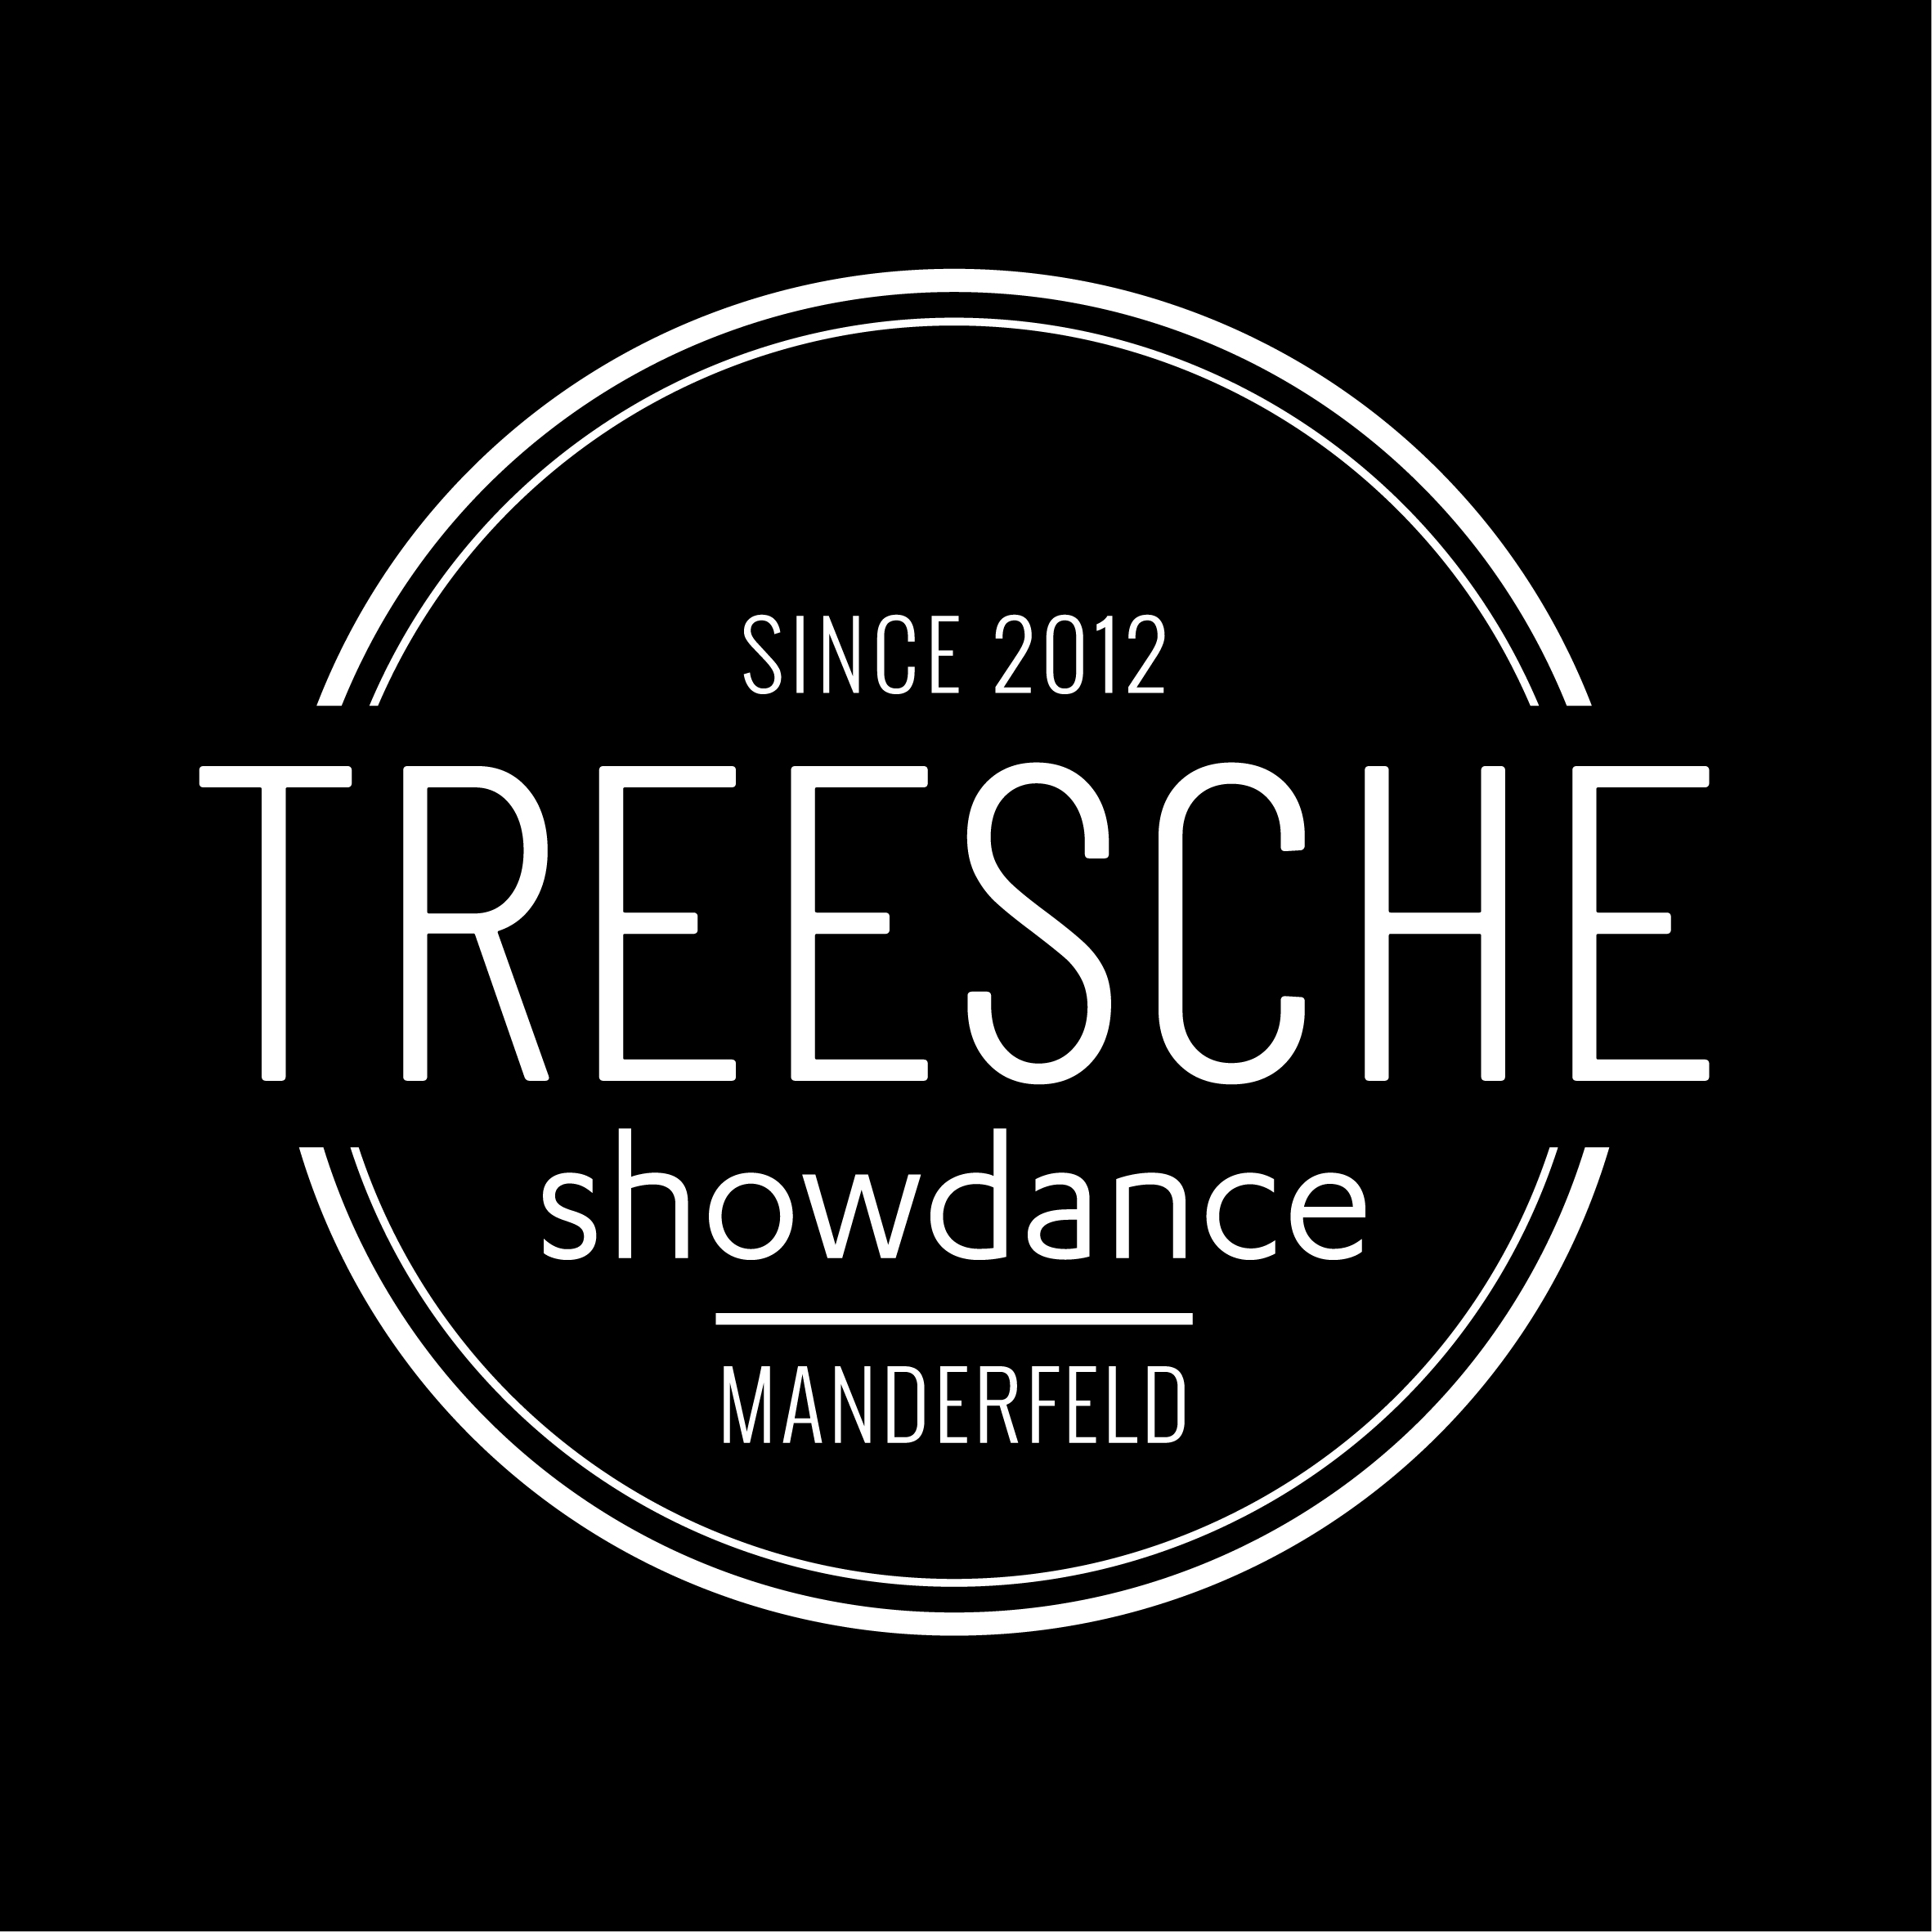 Logo Treesche Showdance